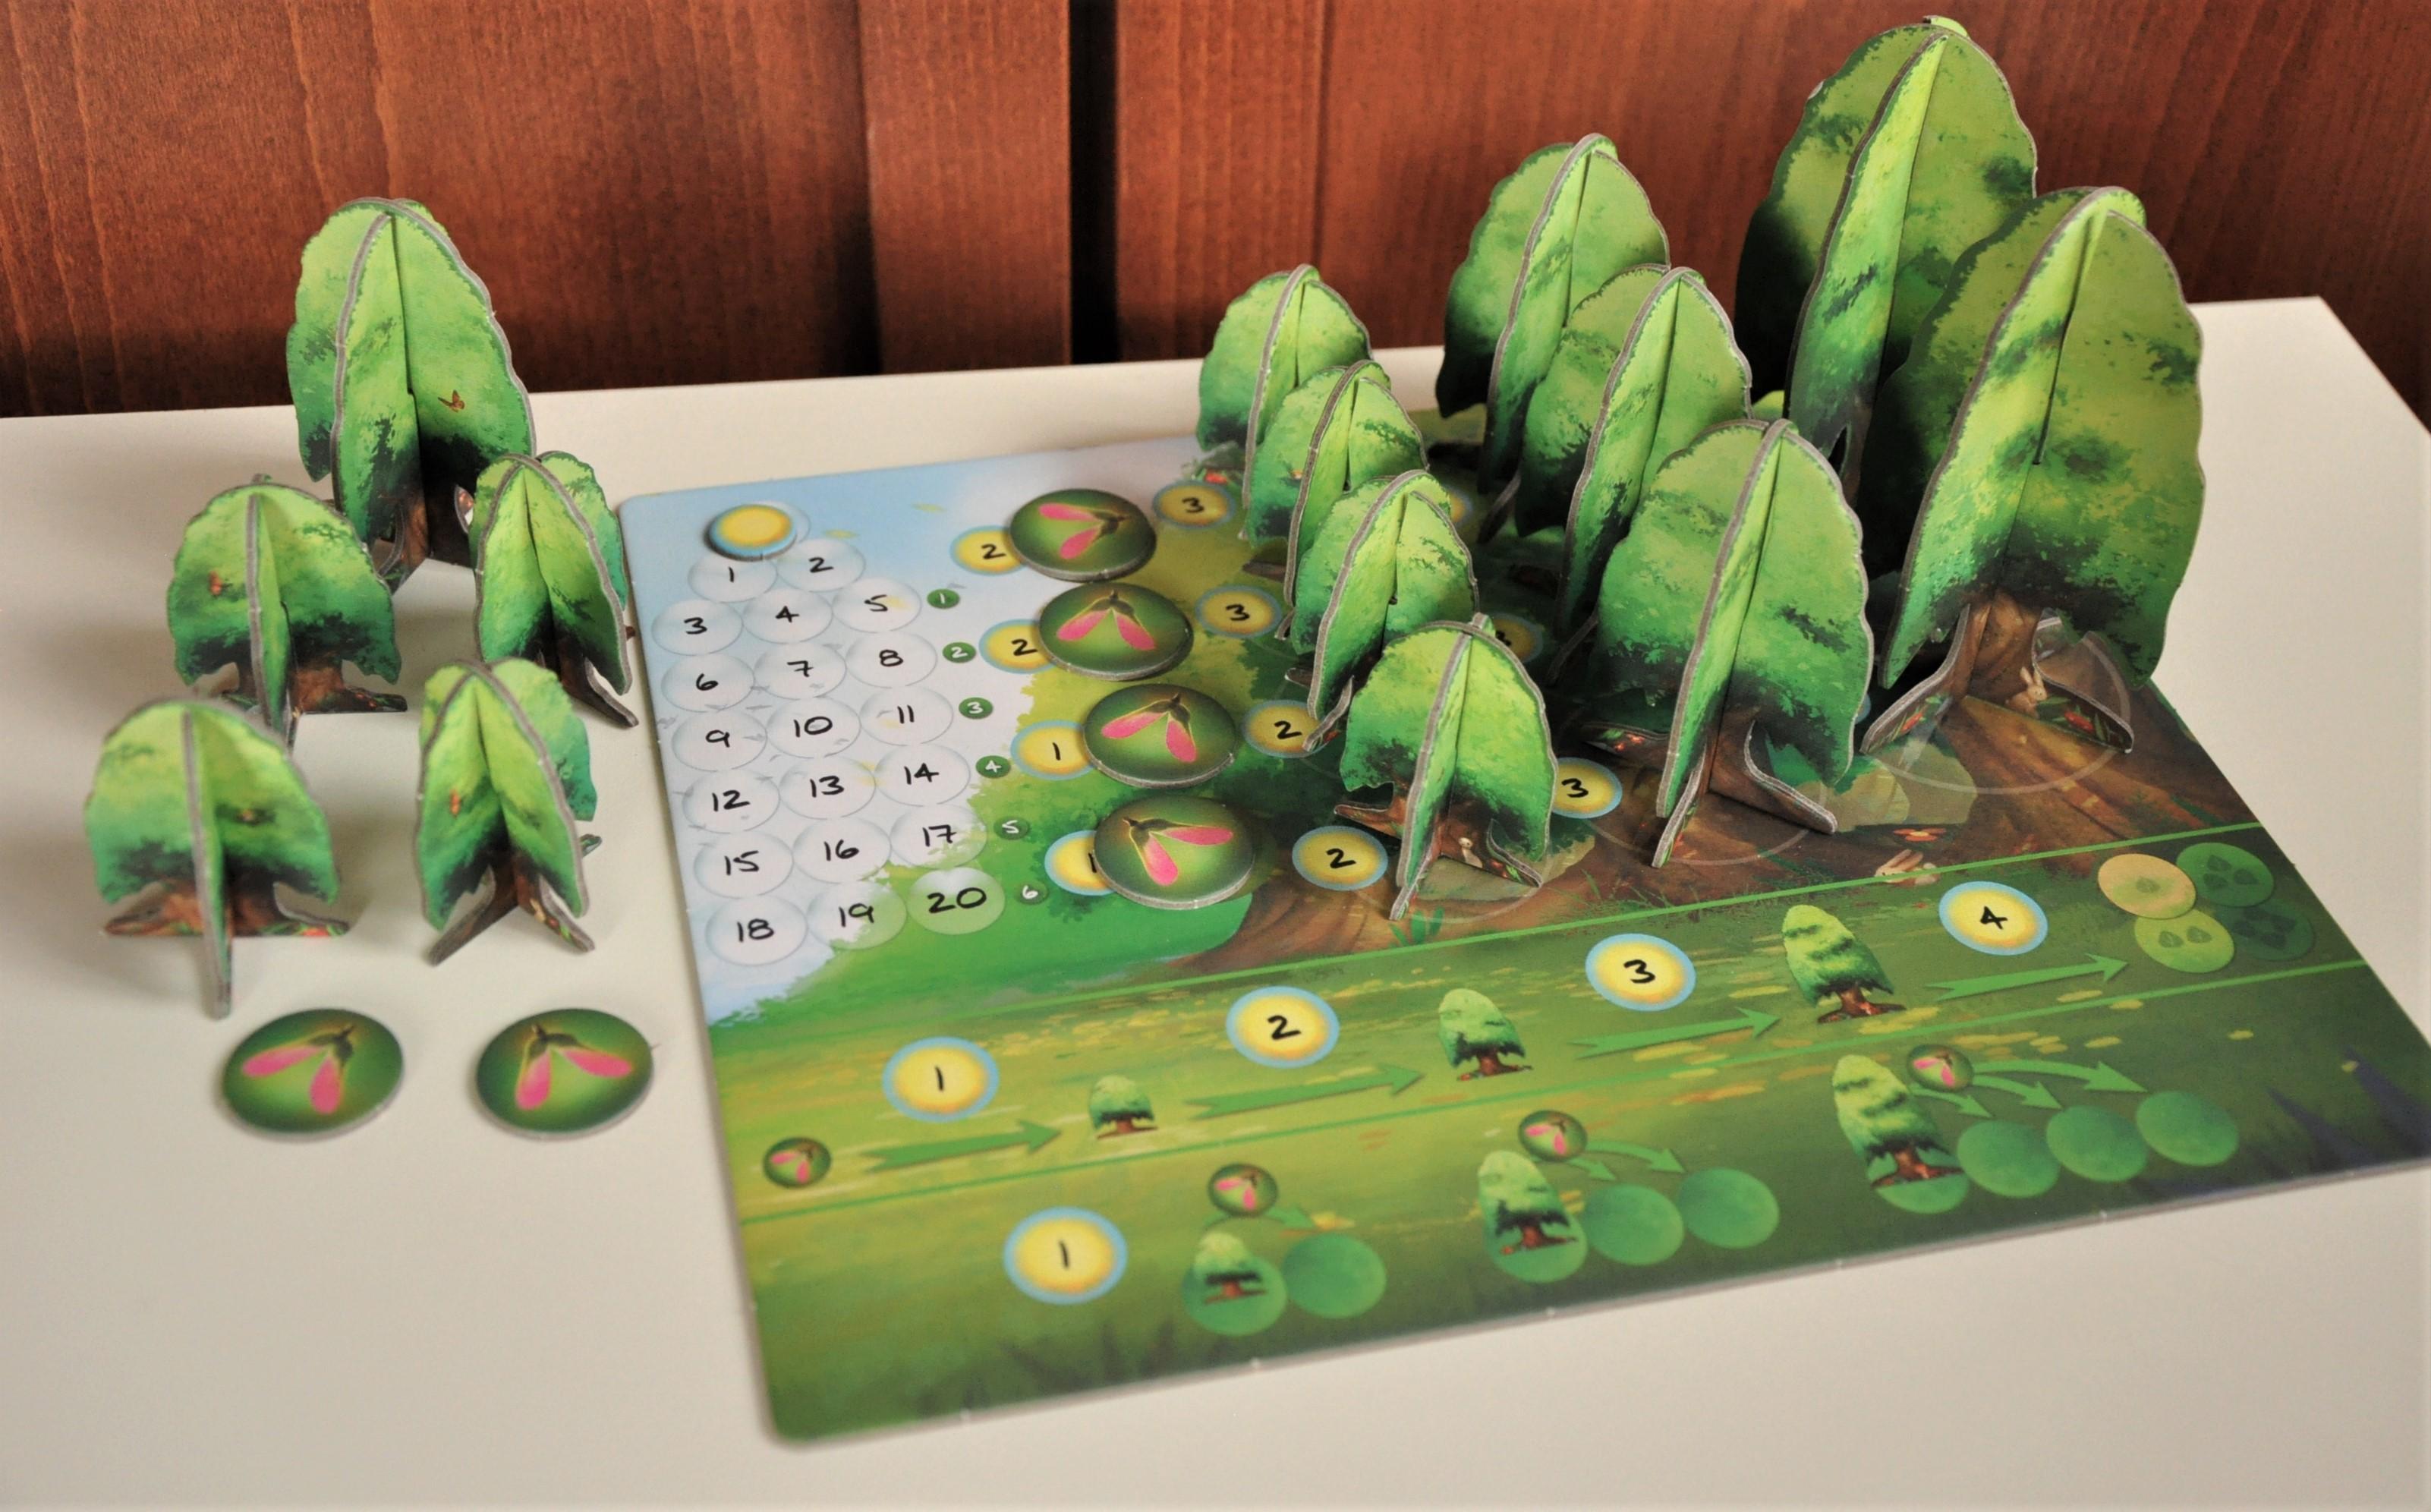 Zasoby dostępne dla gracza znajdują się poza planszetką